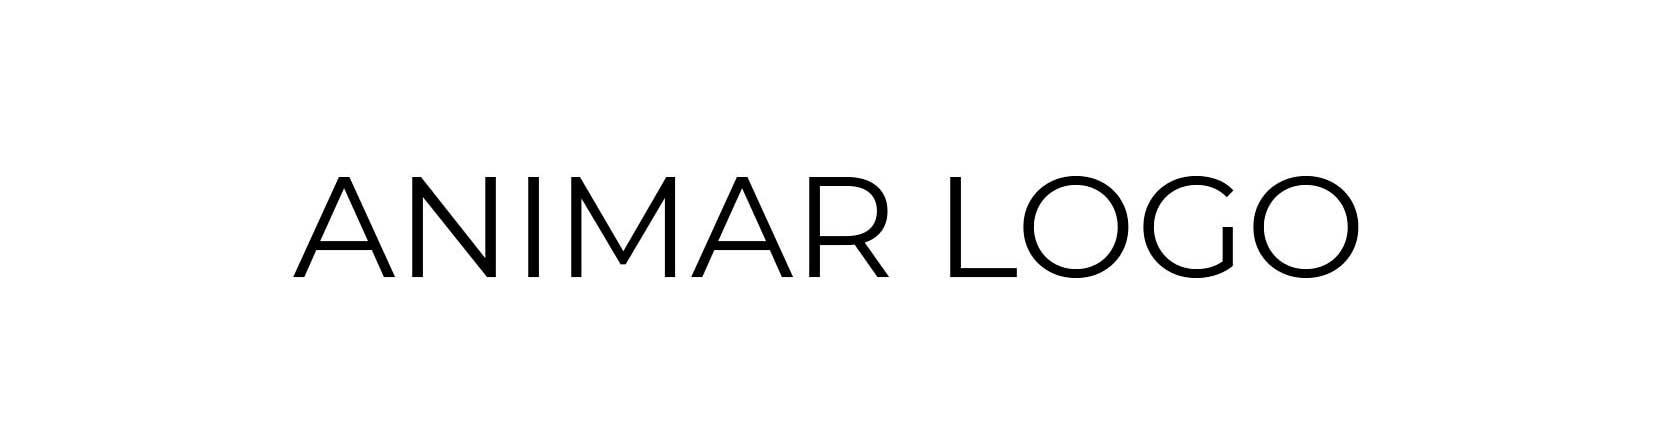 Que-es-un-logotipo---Tipo-de-logotipo---Logotipo---AnimarLogo